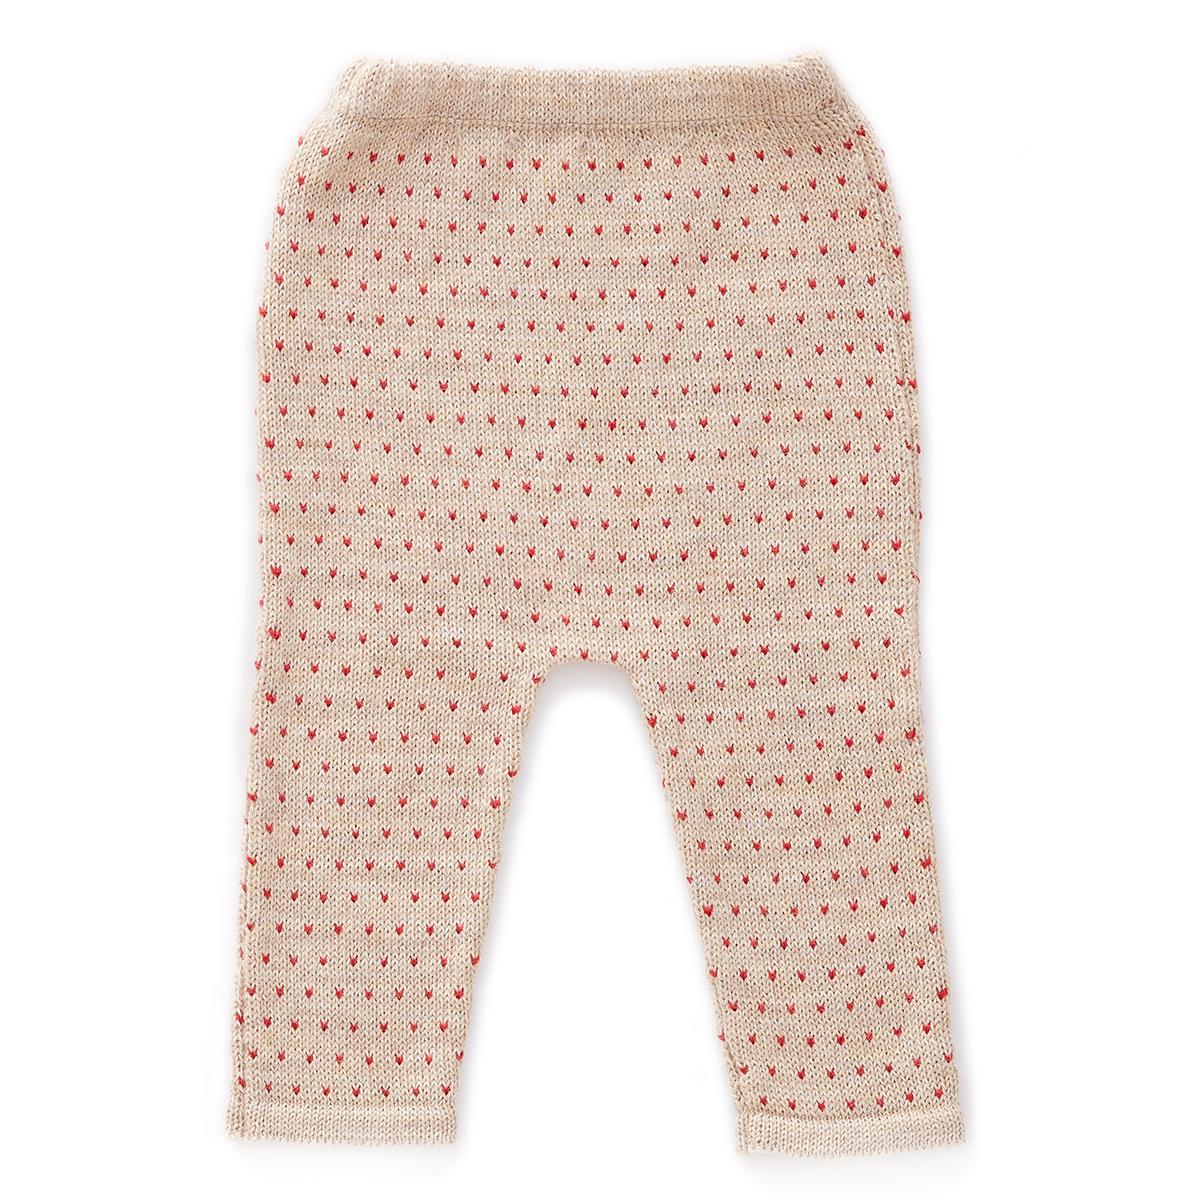 Bas Bébé Pantalon à Pois Rouges Beige - 3 Mois Pantalon à Pois Rouges Beige - 3 Mois